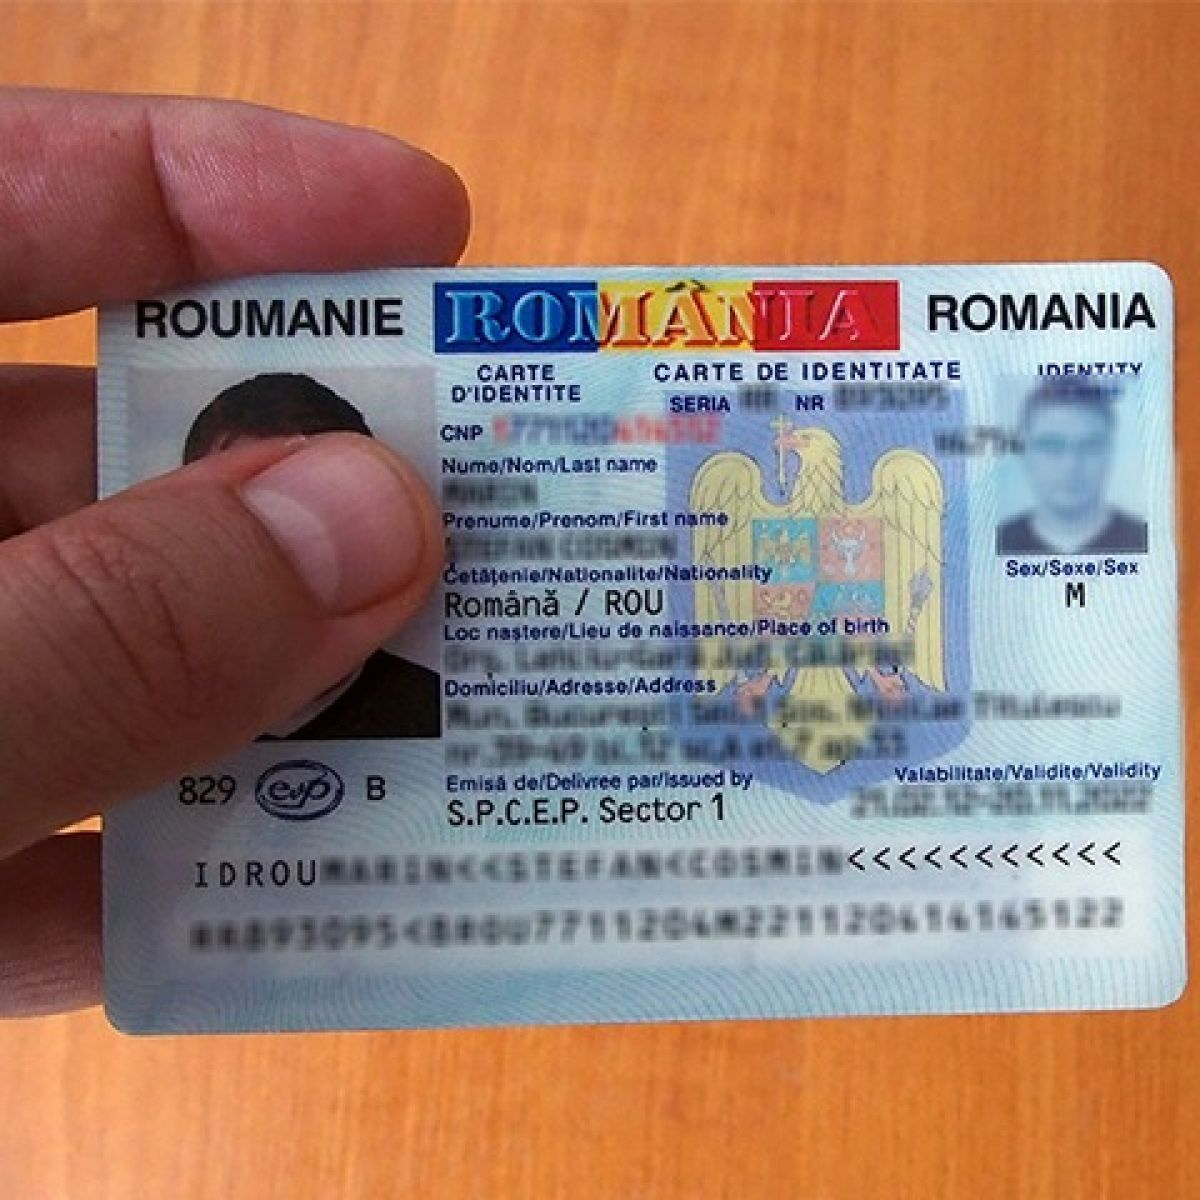 carte-de-identitate-1.jpg